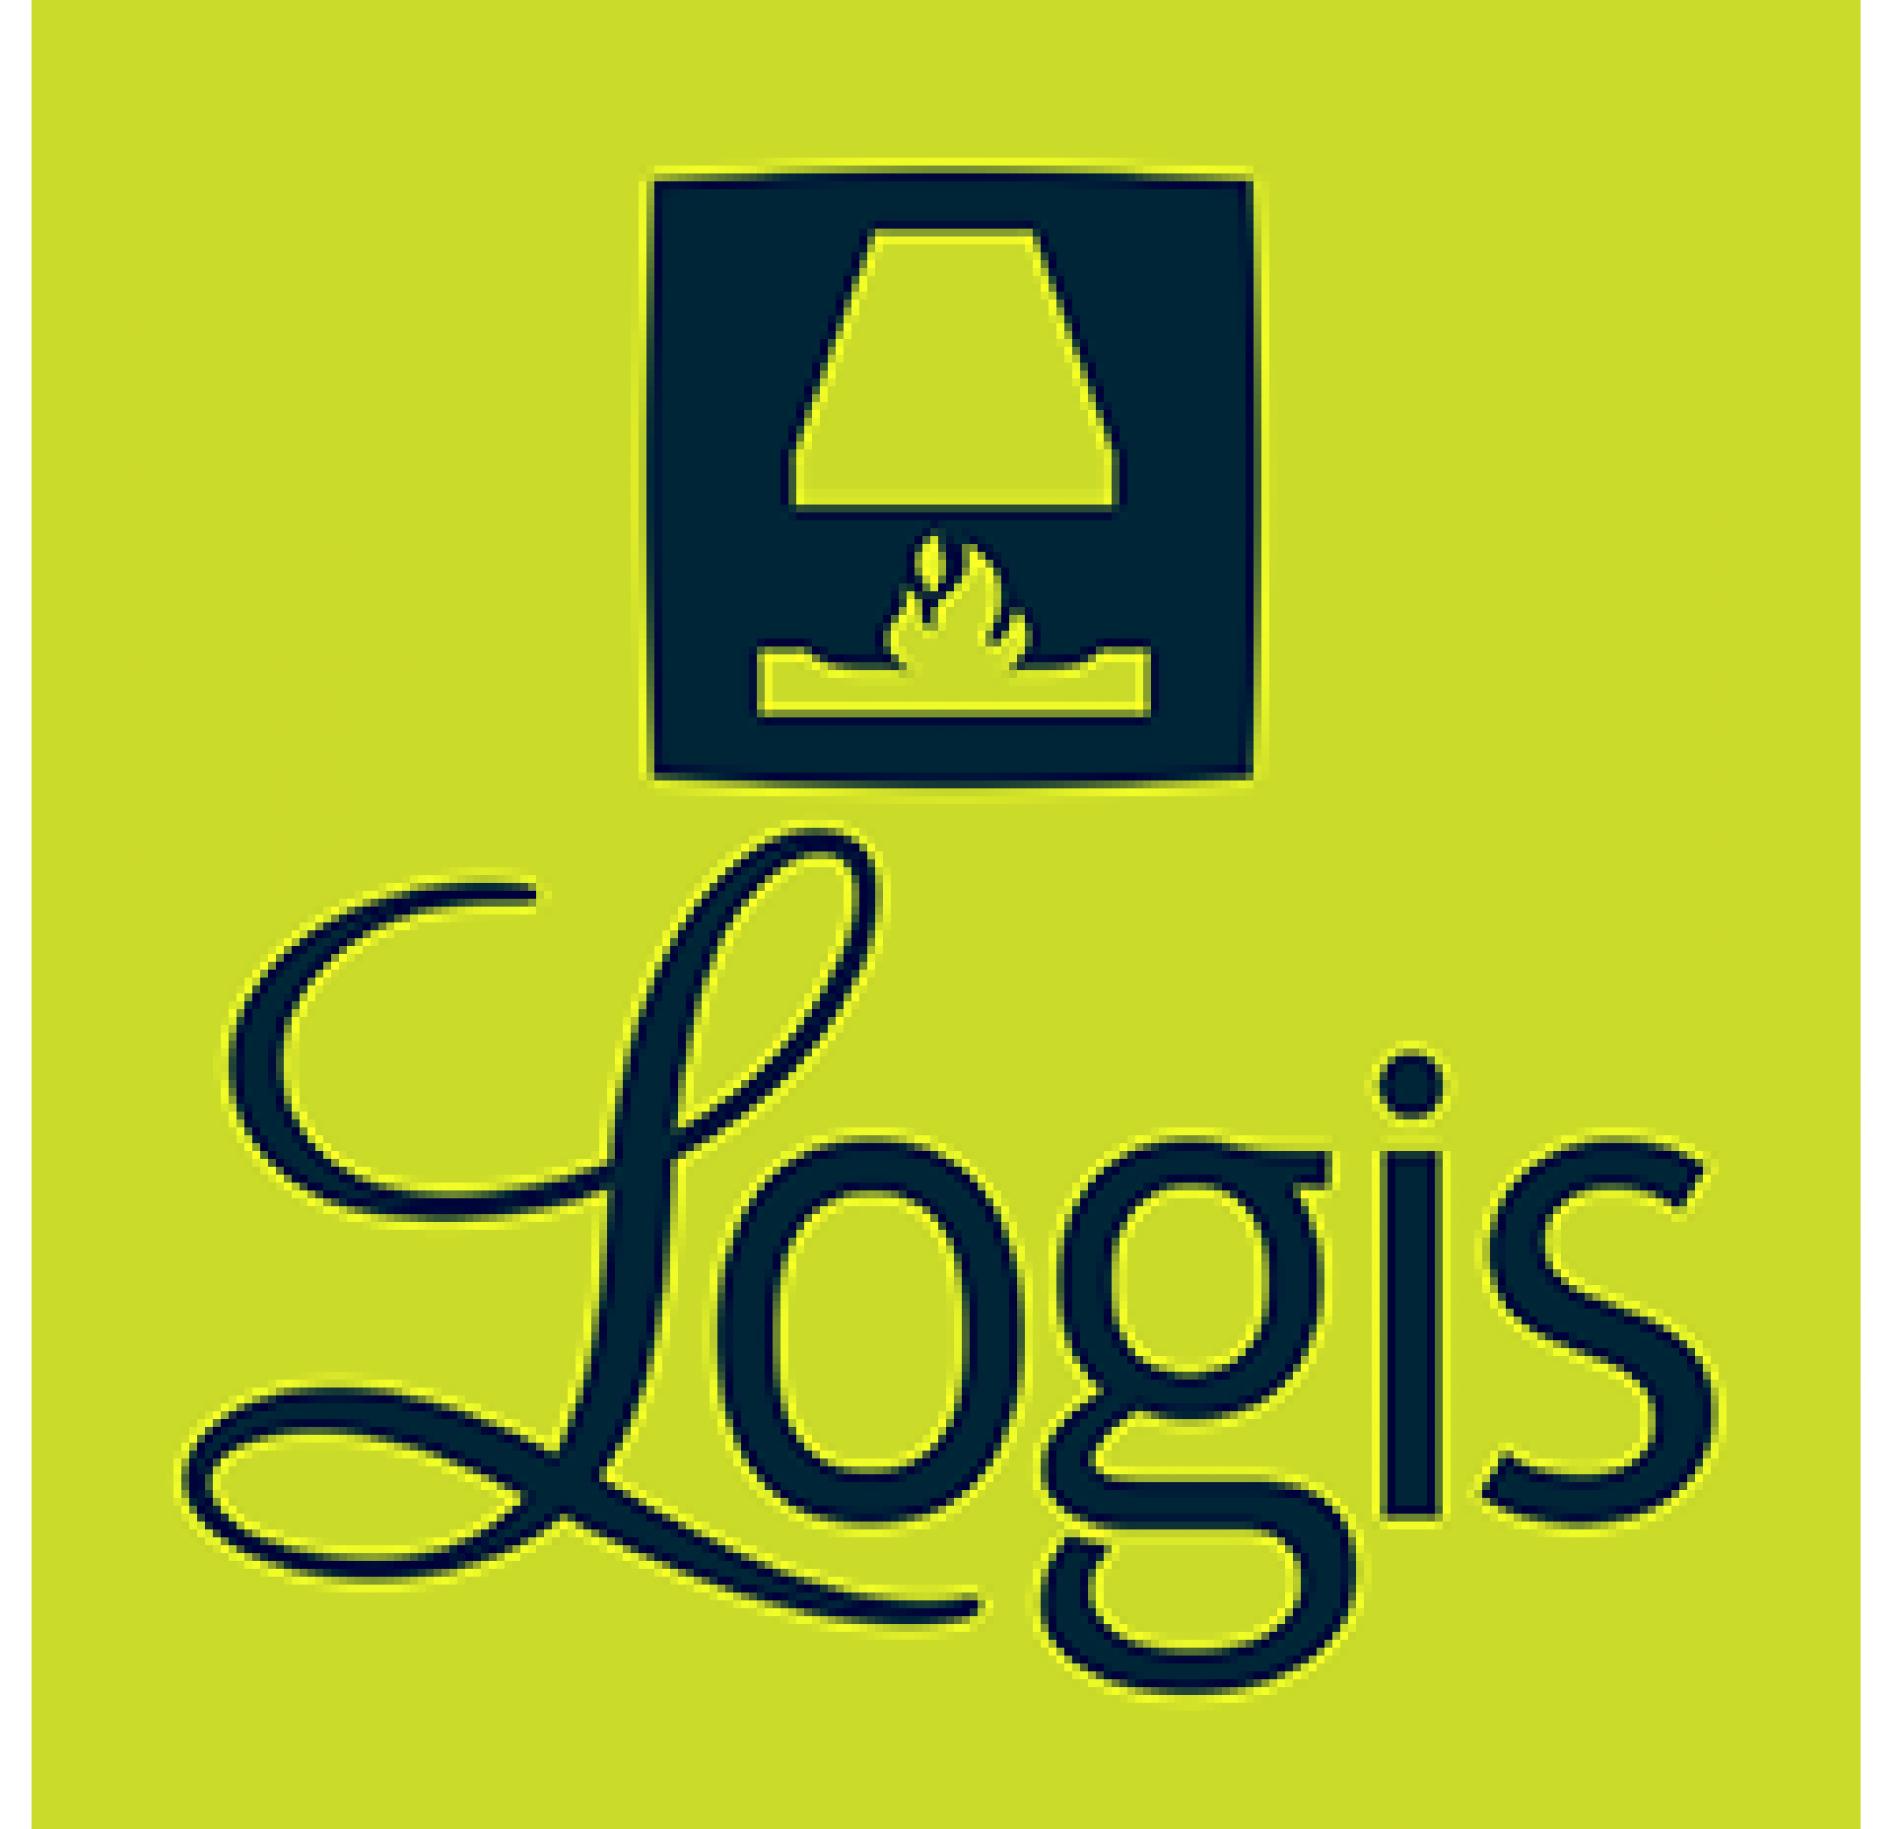 Logis hôtel Le Commerce à Navarrenx, Logo Logis Hotels